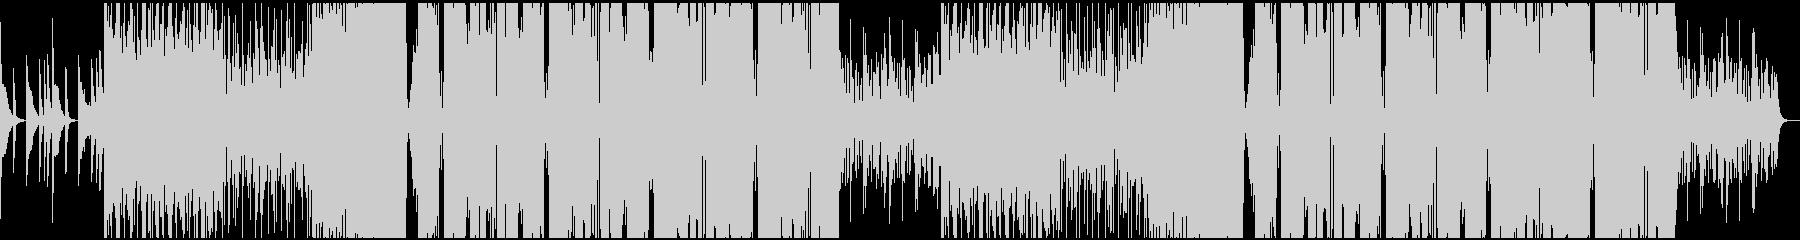 シンセ音と低音が目立つフューチャーベースの未再生の波形